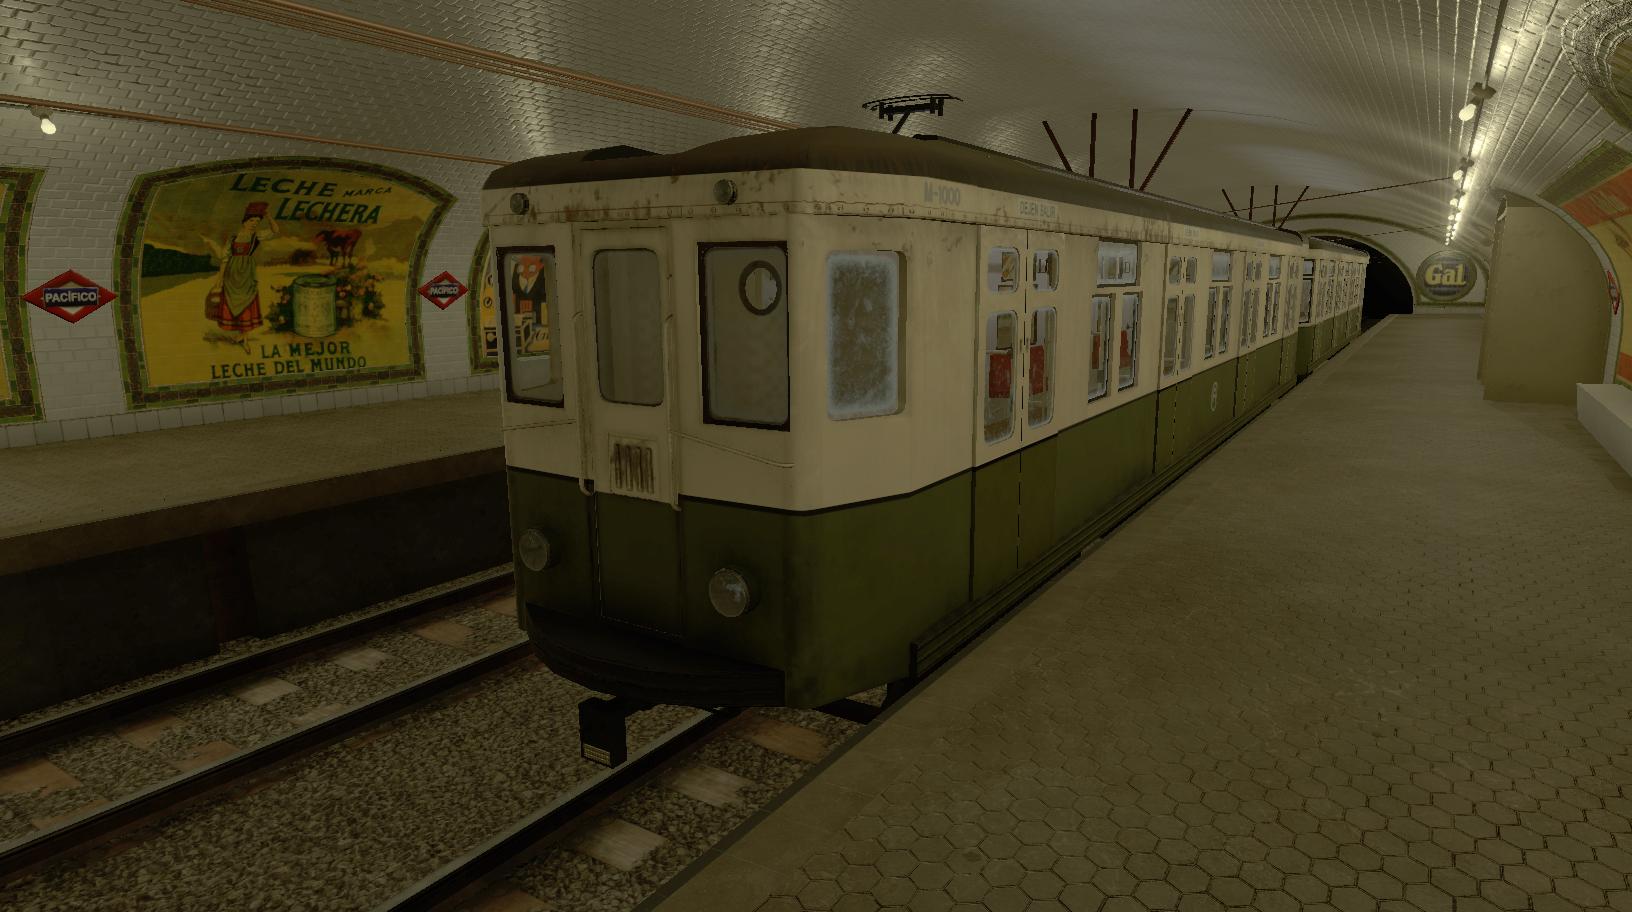 Simulación trenes clásicos para Metro Madrid - M1000 Pacifico